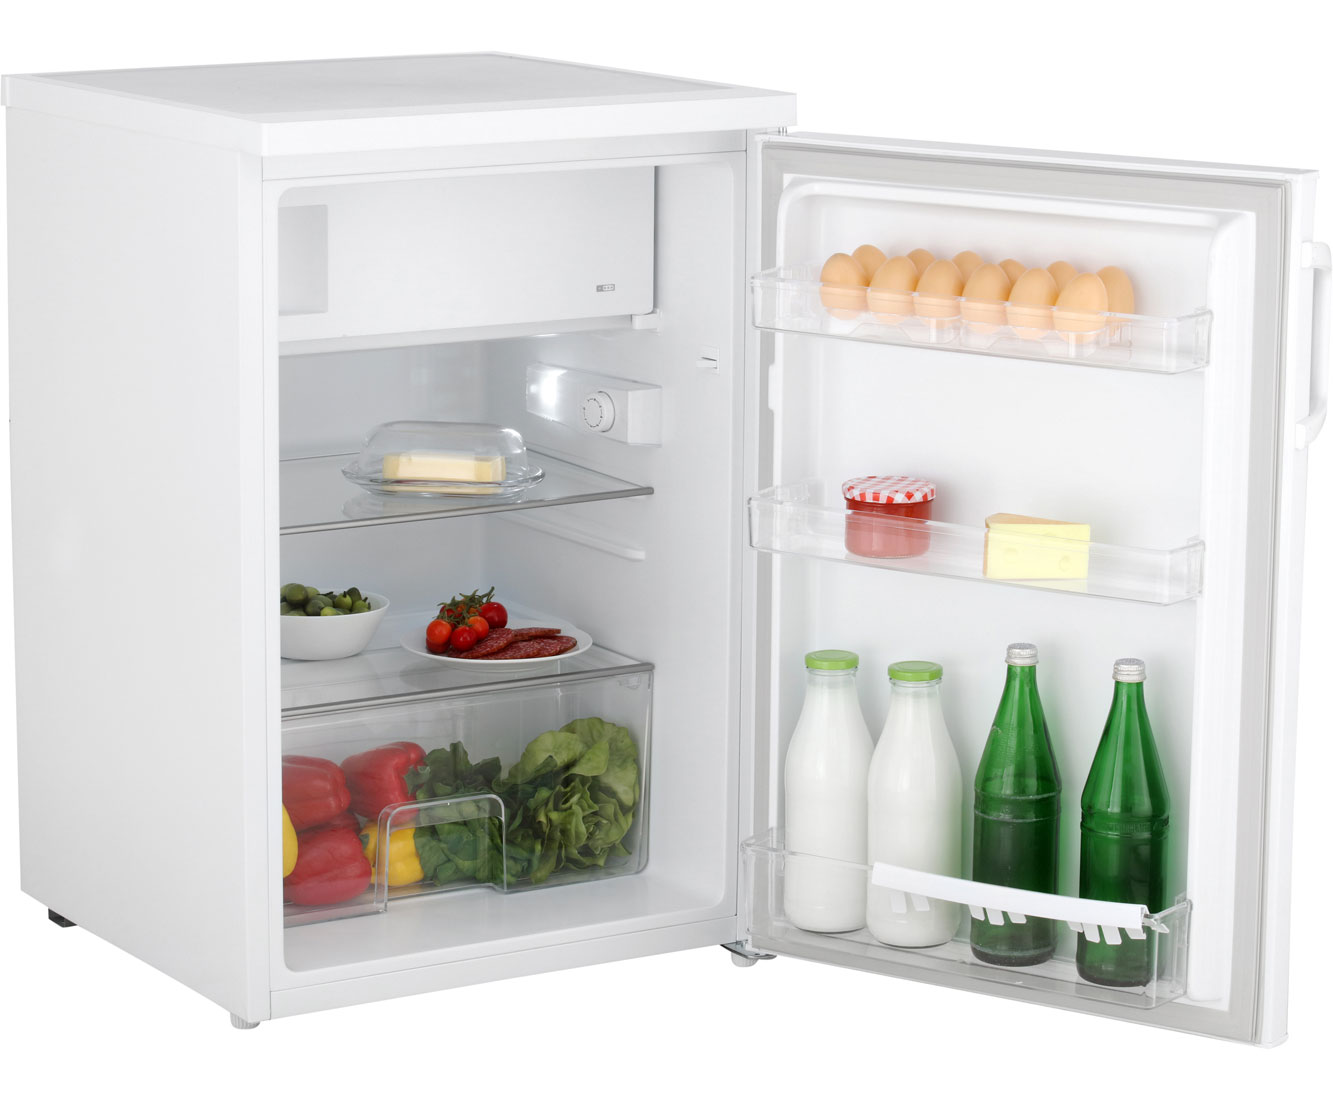 Kleiner Kühlschrank Idealo : Bomann ks kühlschrank mit gefrierfach weiß a